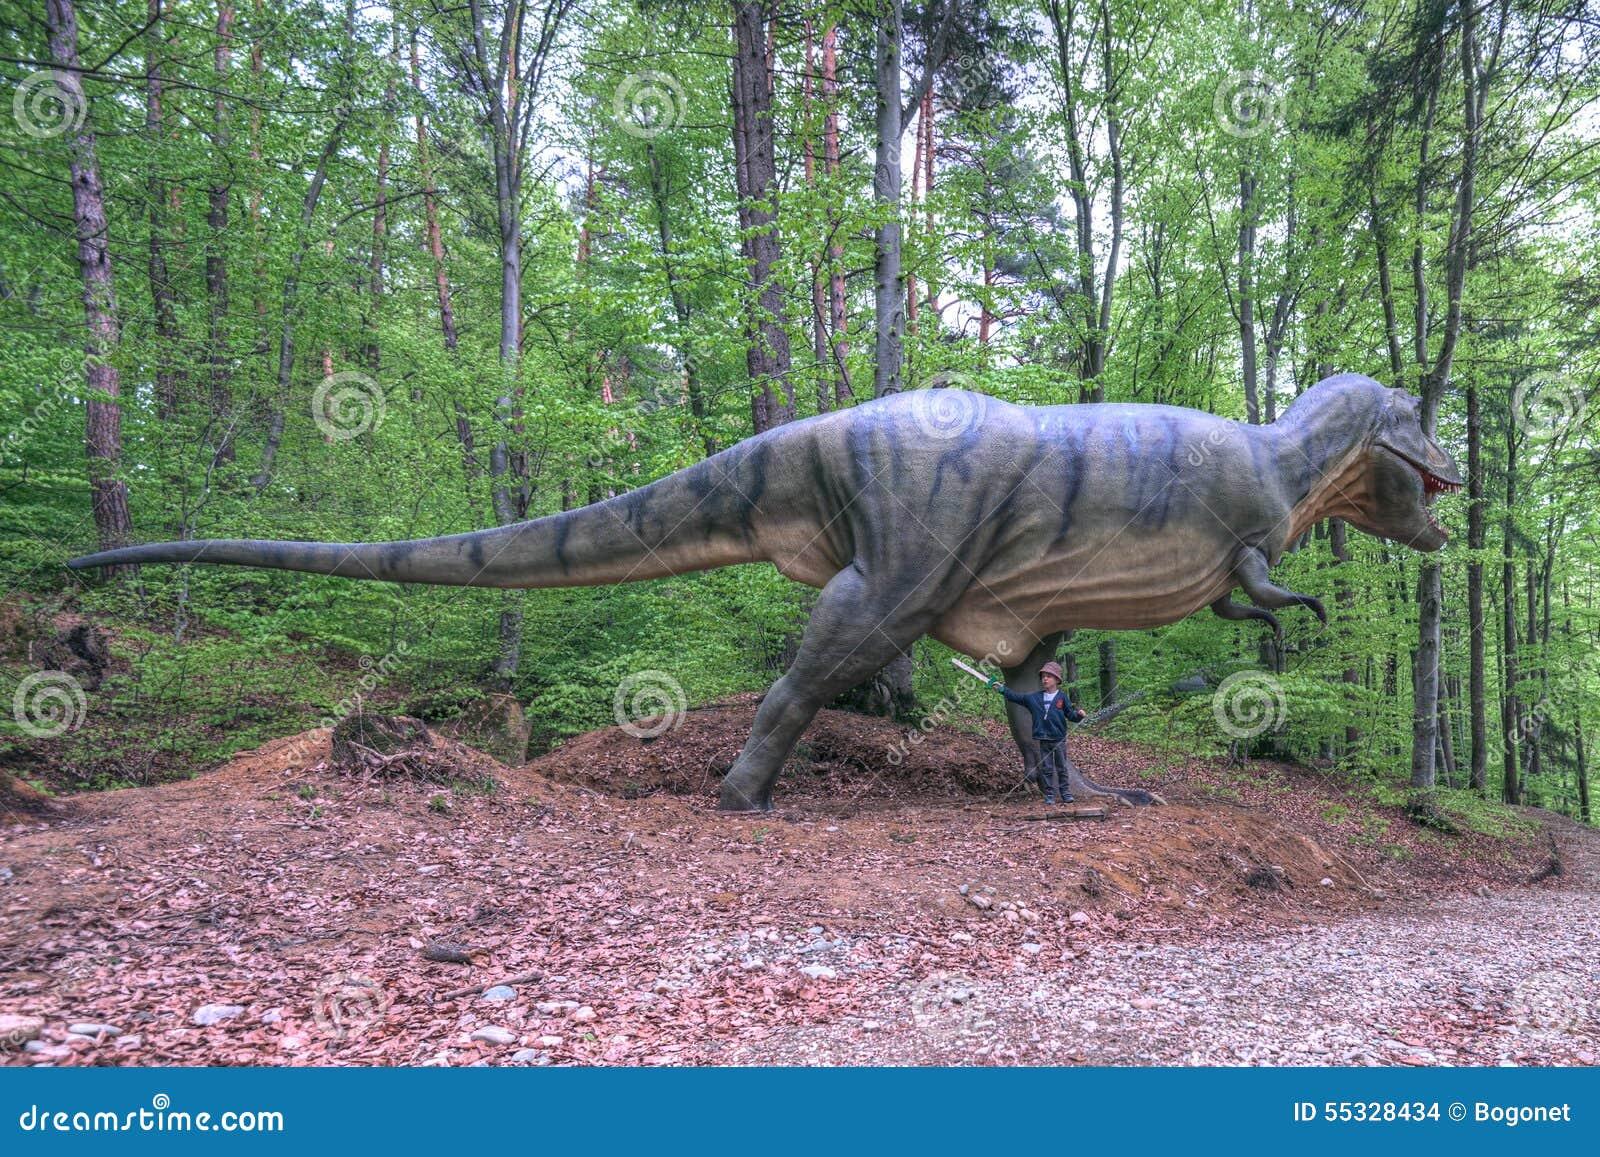 Brasov Rumania Junio De 2015 Dinosaurios Real Clasificados En Rasnov Dino Imagen De Archivo Editorial Imagen De Junio Brasov 55328434 Si ese hubiese sido el caso, ¿habría dinosaurios hoy día? dreamstime